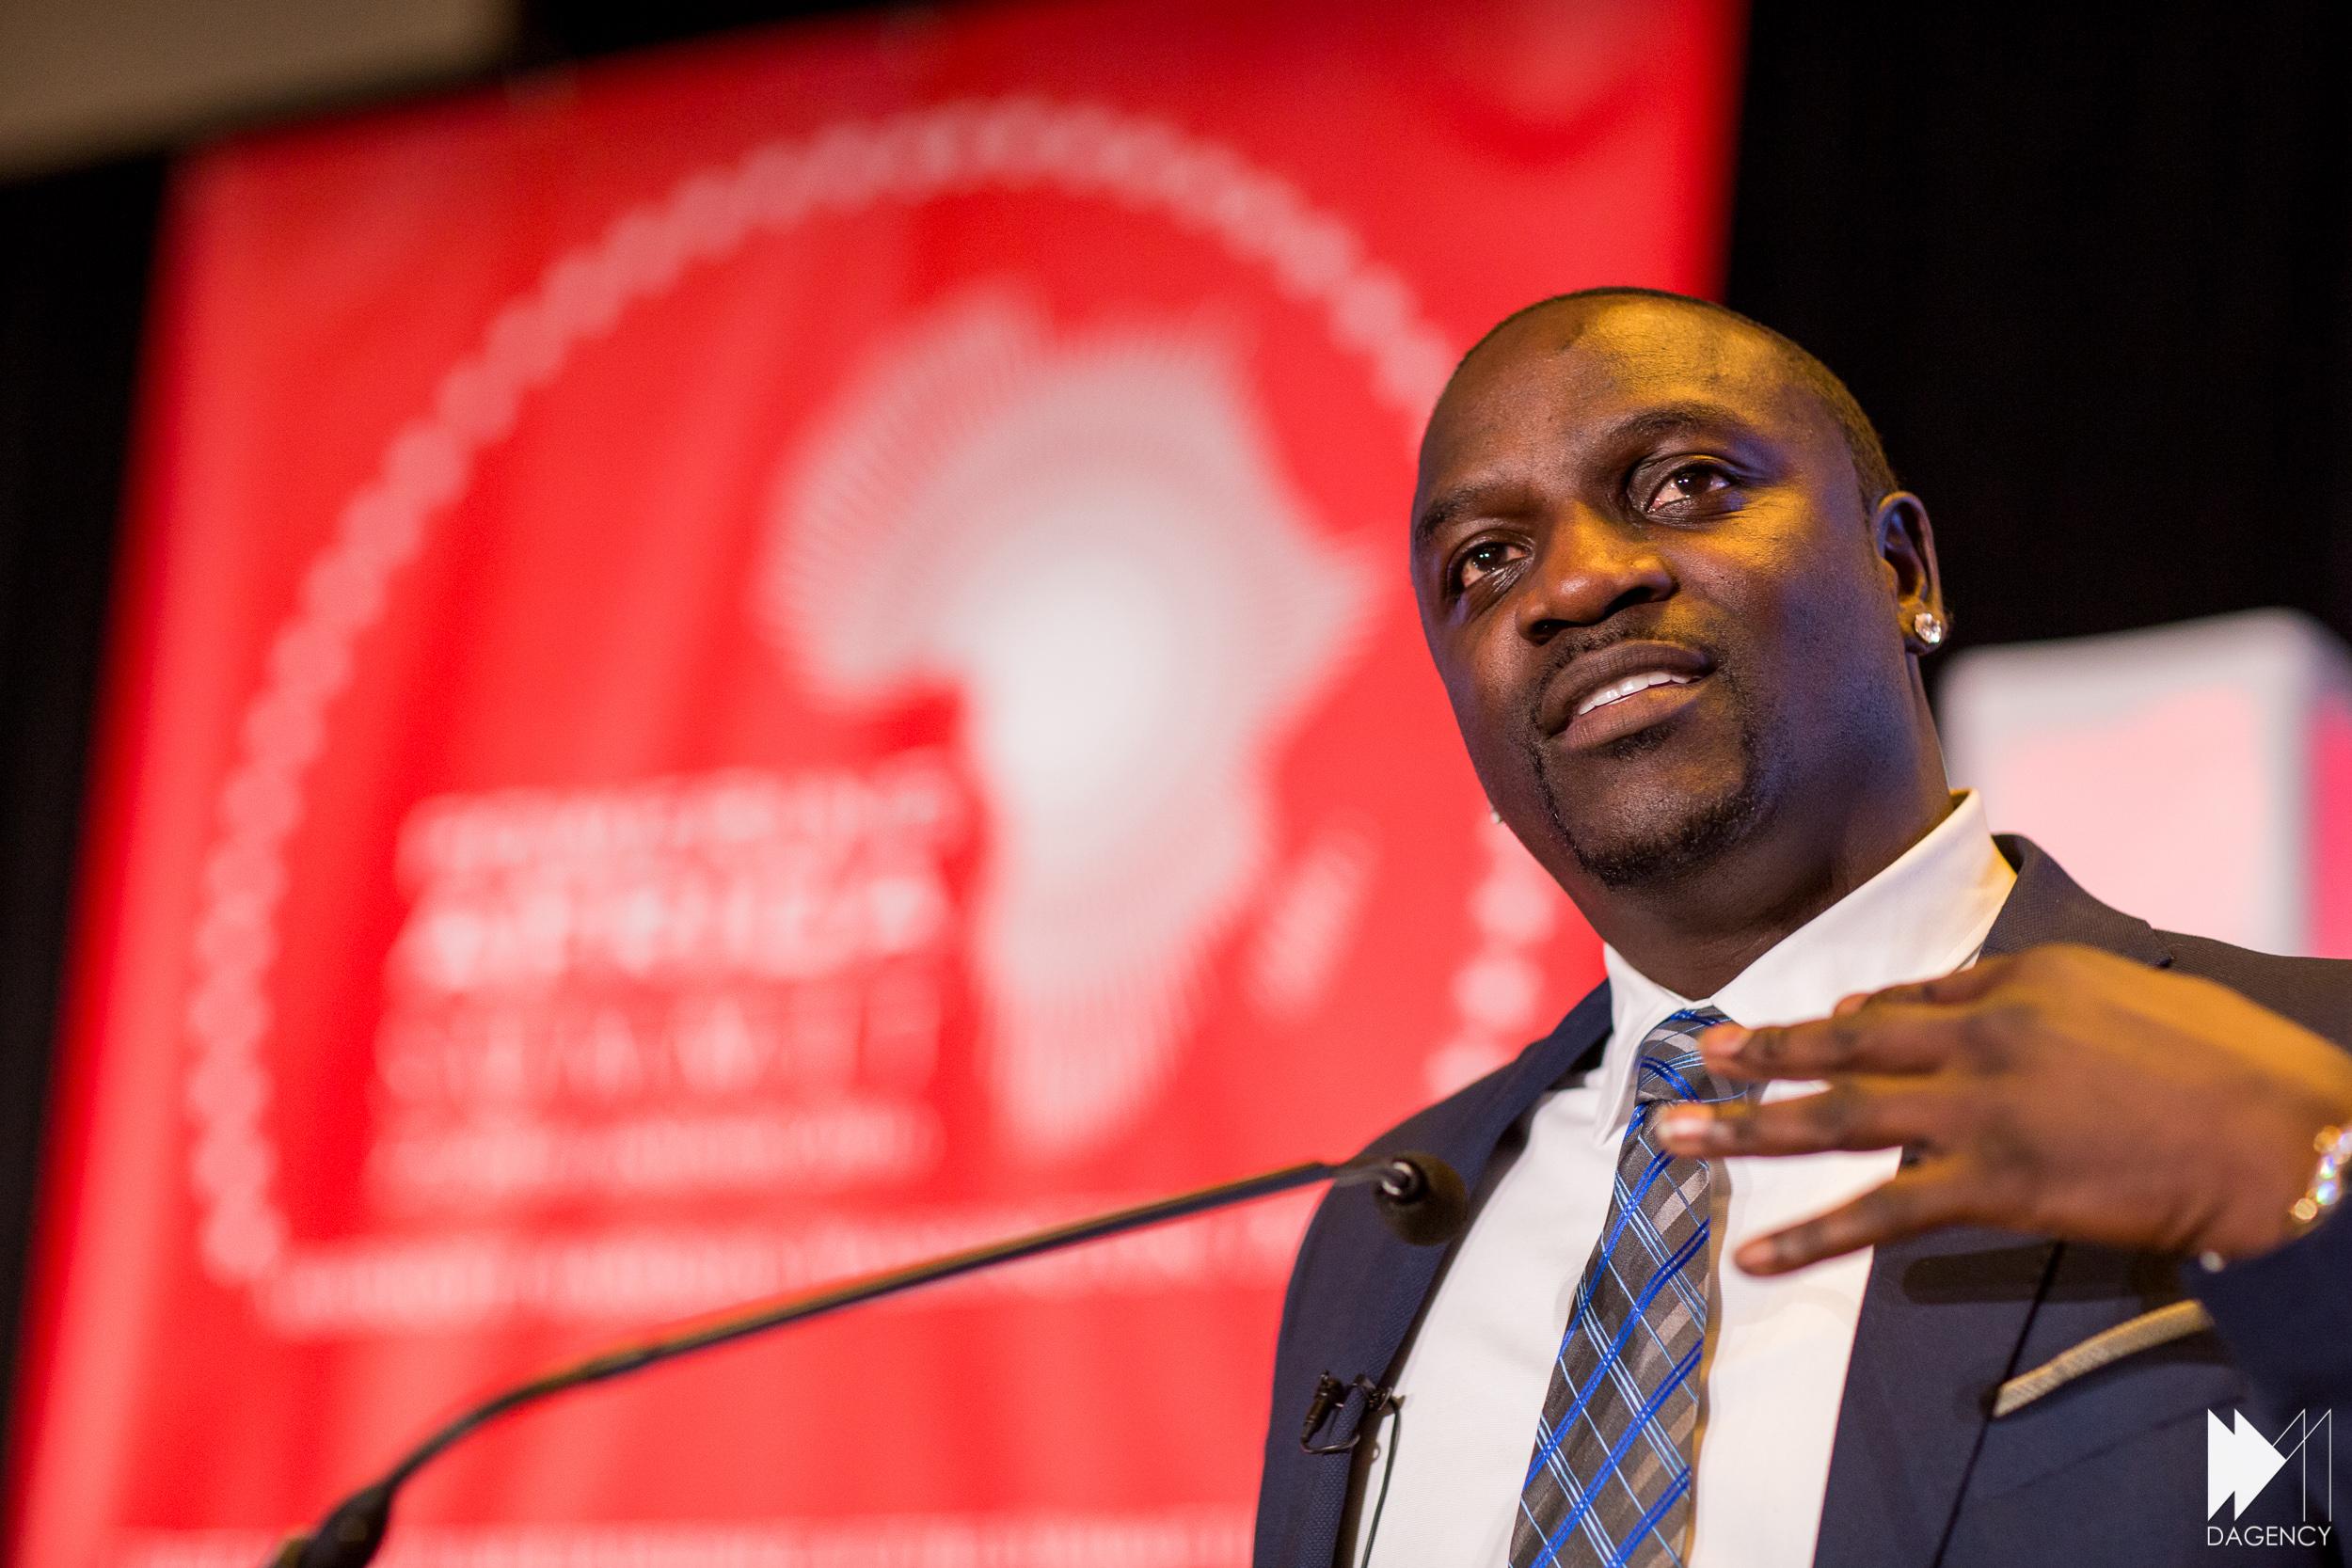 Privatisering doet meer voor Afrika dan liefdadigheidsorganisaties in tientallen jaren hebben gedaan